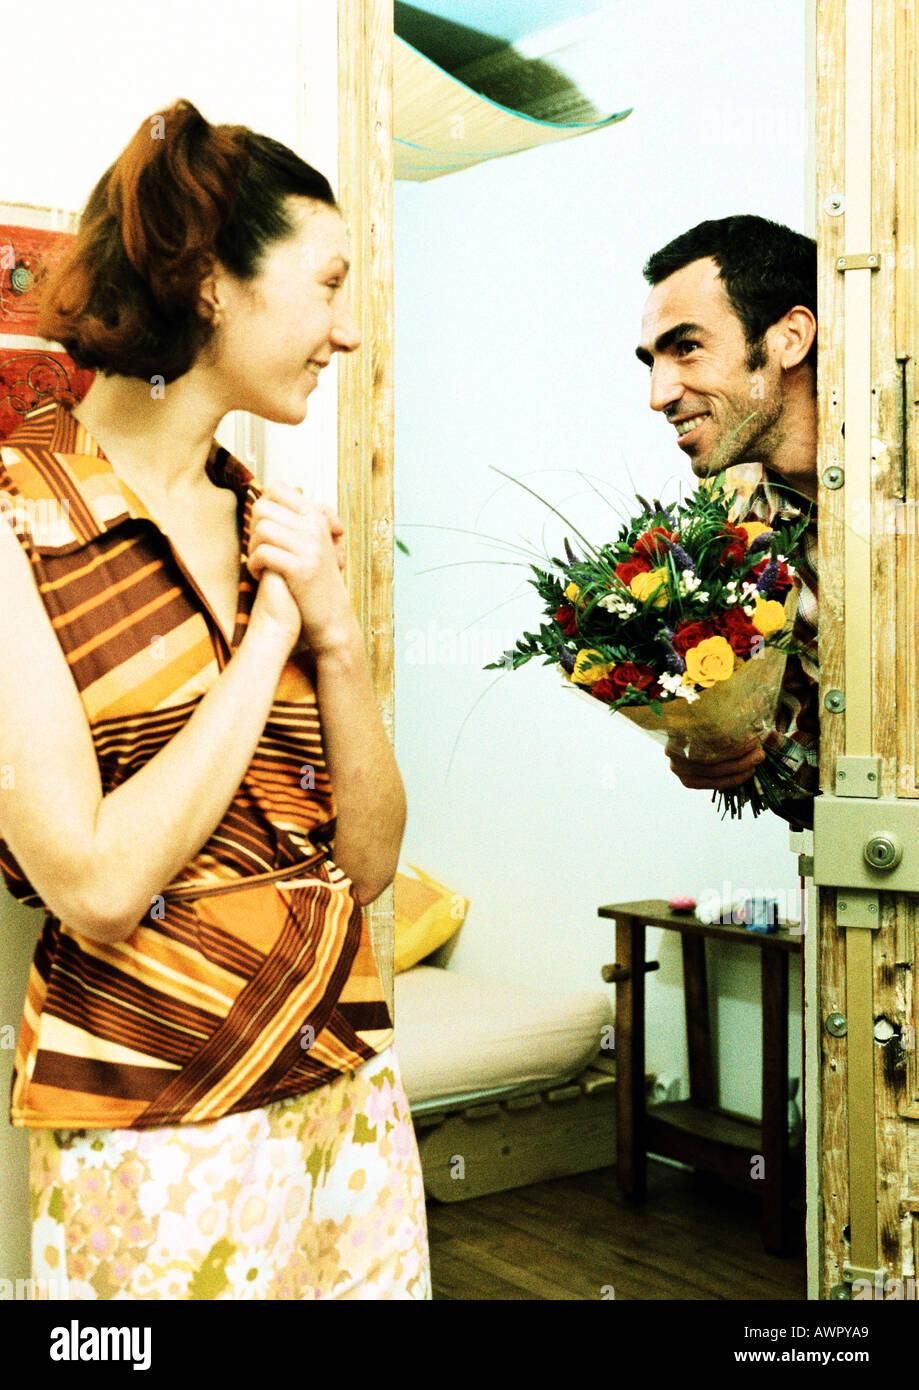 Pareja, hombre caminando a través de la puerta sosteniendo bouquet de flores, mujer sonriendo. Foto de stock